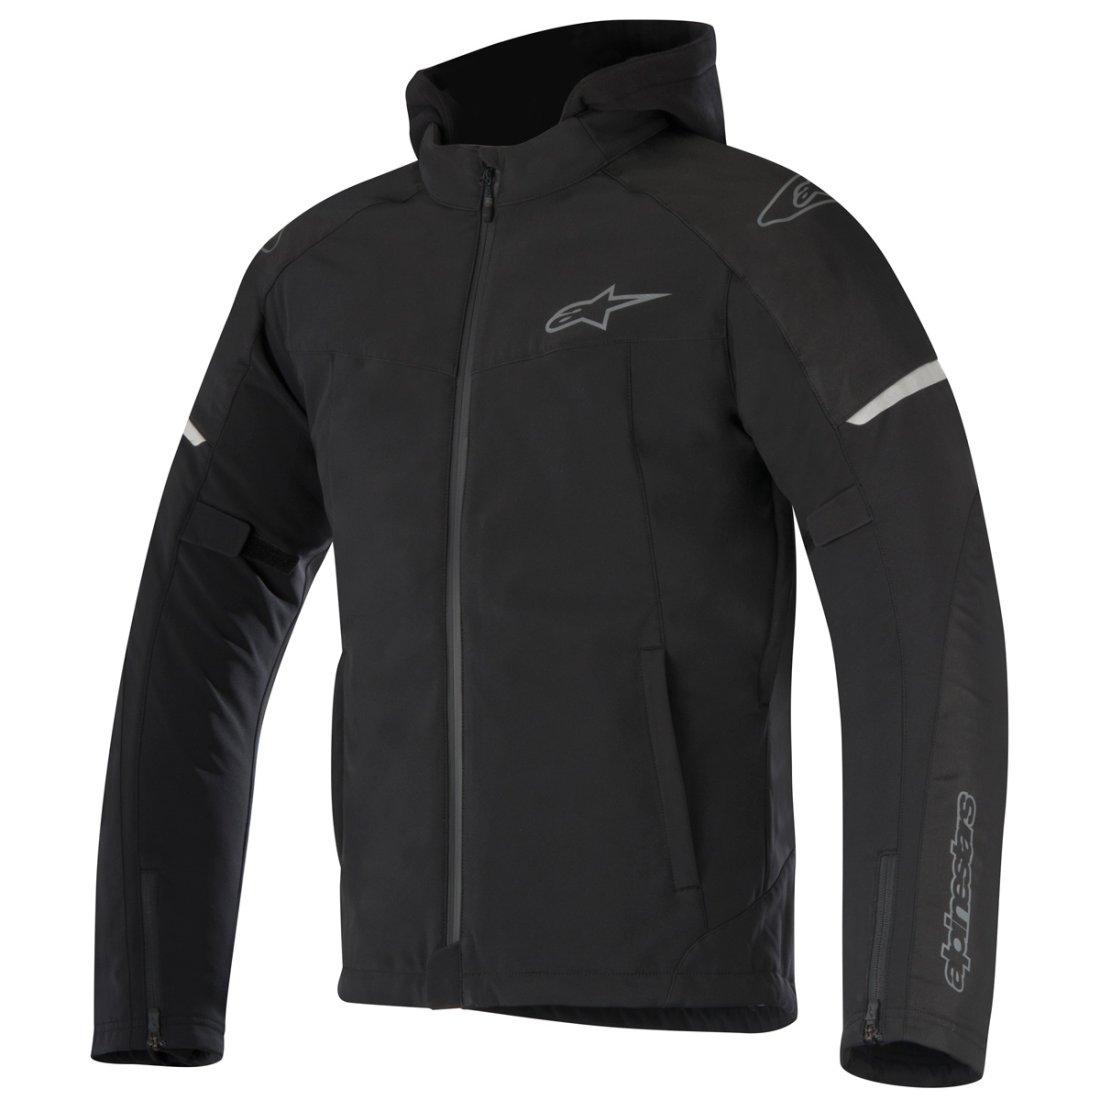 45270535 ALPINESTARS Stratos Techshell Drystar Black Jacket · Motocard